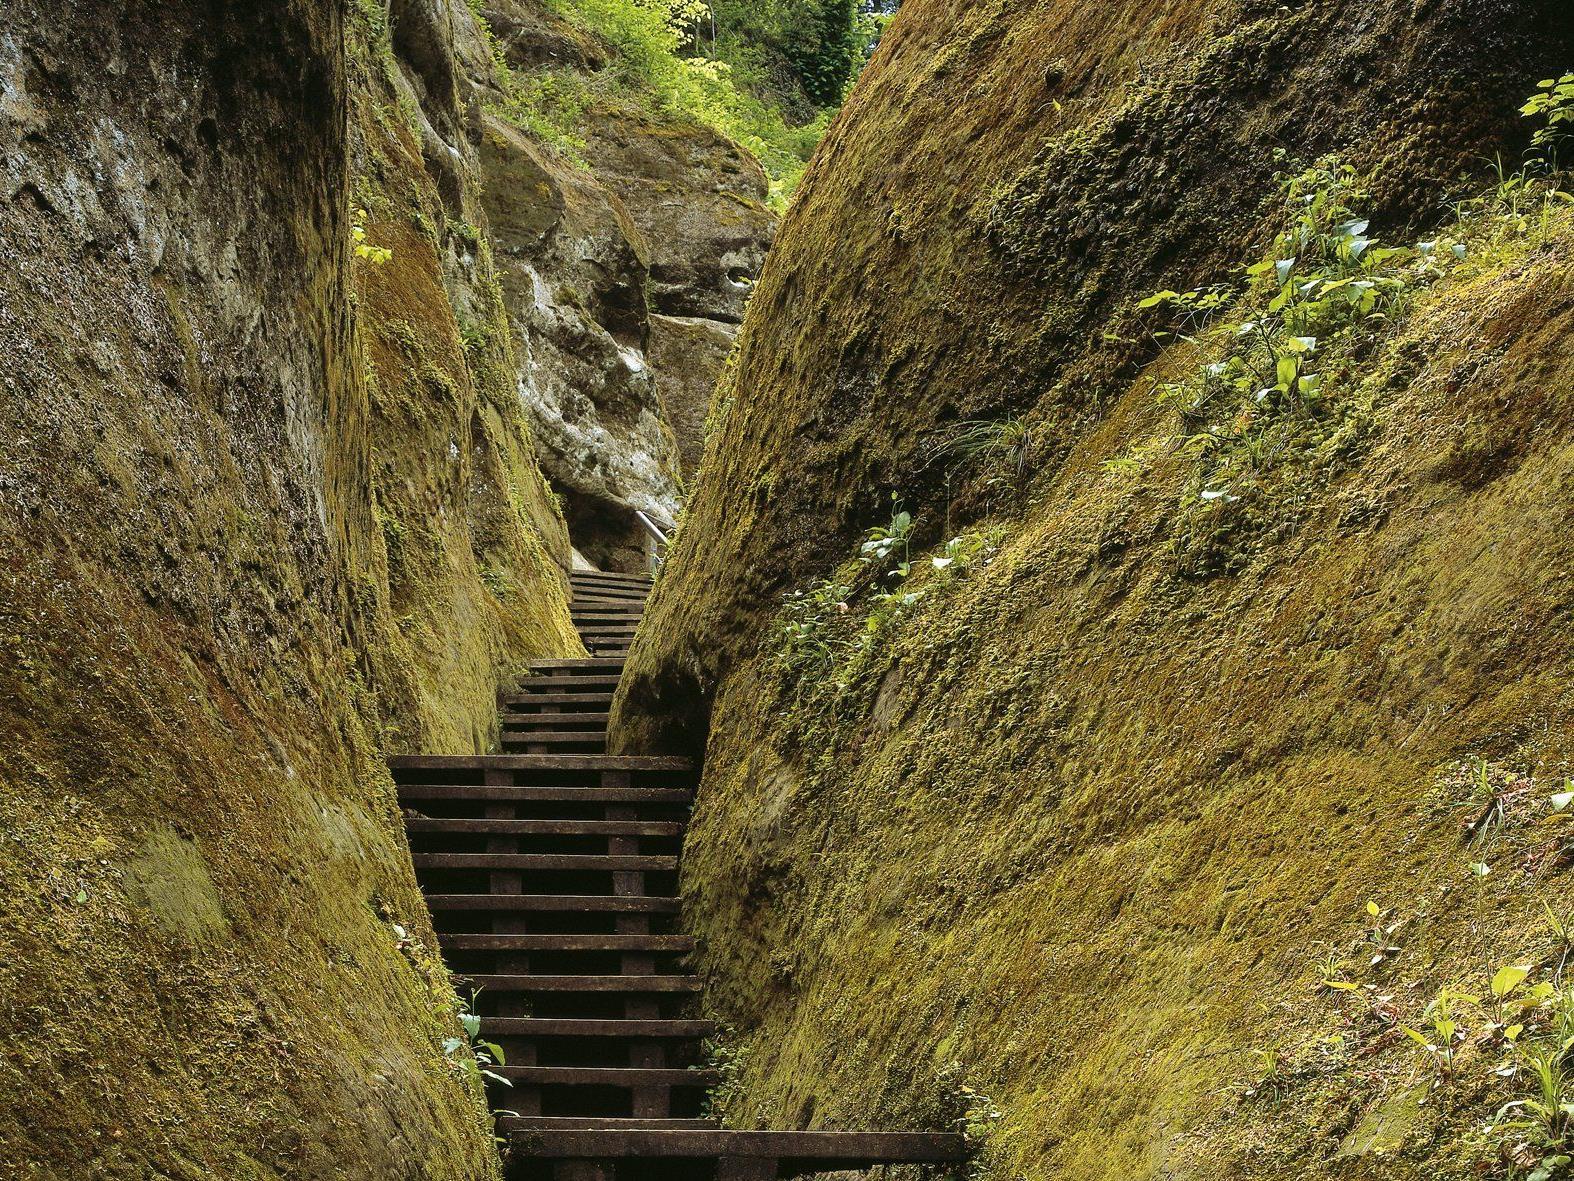 Die Marienschlucht am Obersee, ein beliebtes Ausflugsziel. (Themenbild)